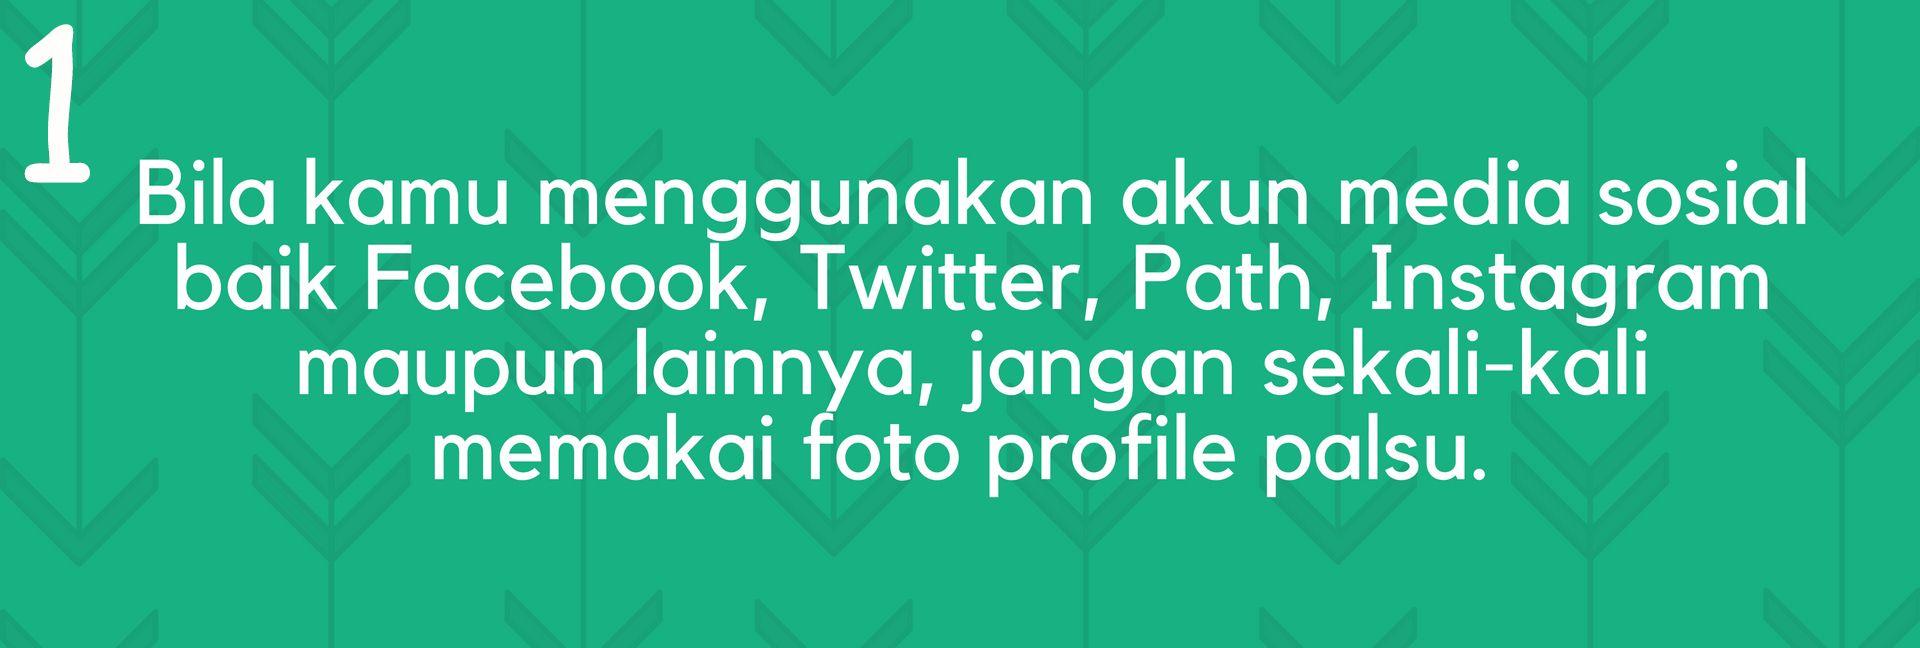 Ikuti 7 Aturan Main Ini Untuk Kamu yang Sering Cari Jodoh di Media Sosial, Jangan Sampai Jadi Korban!